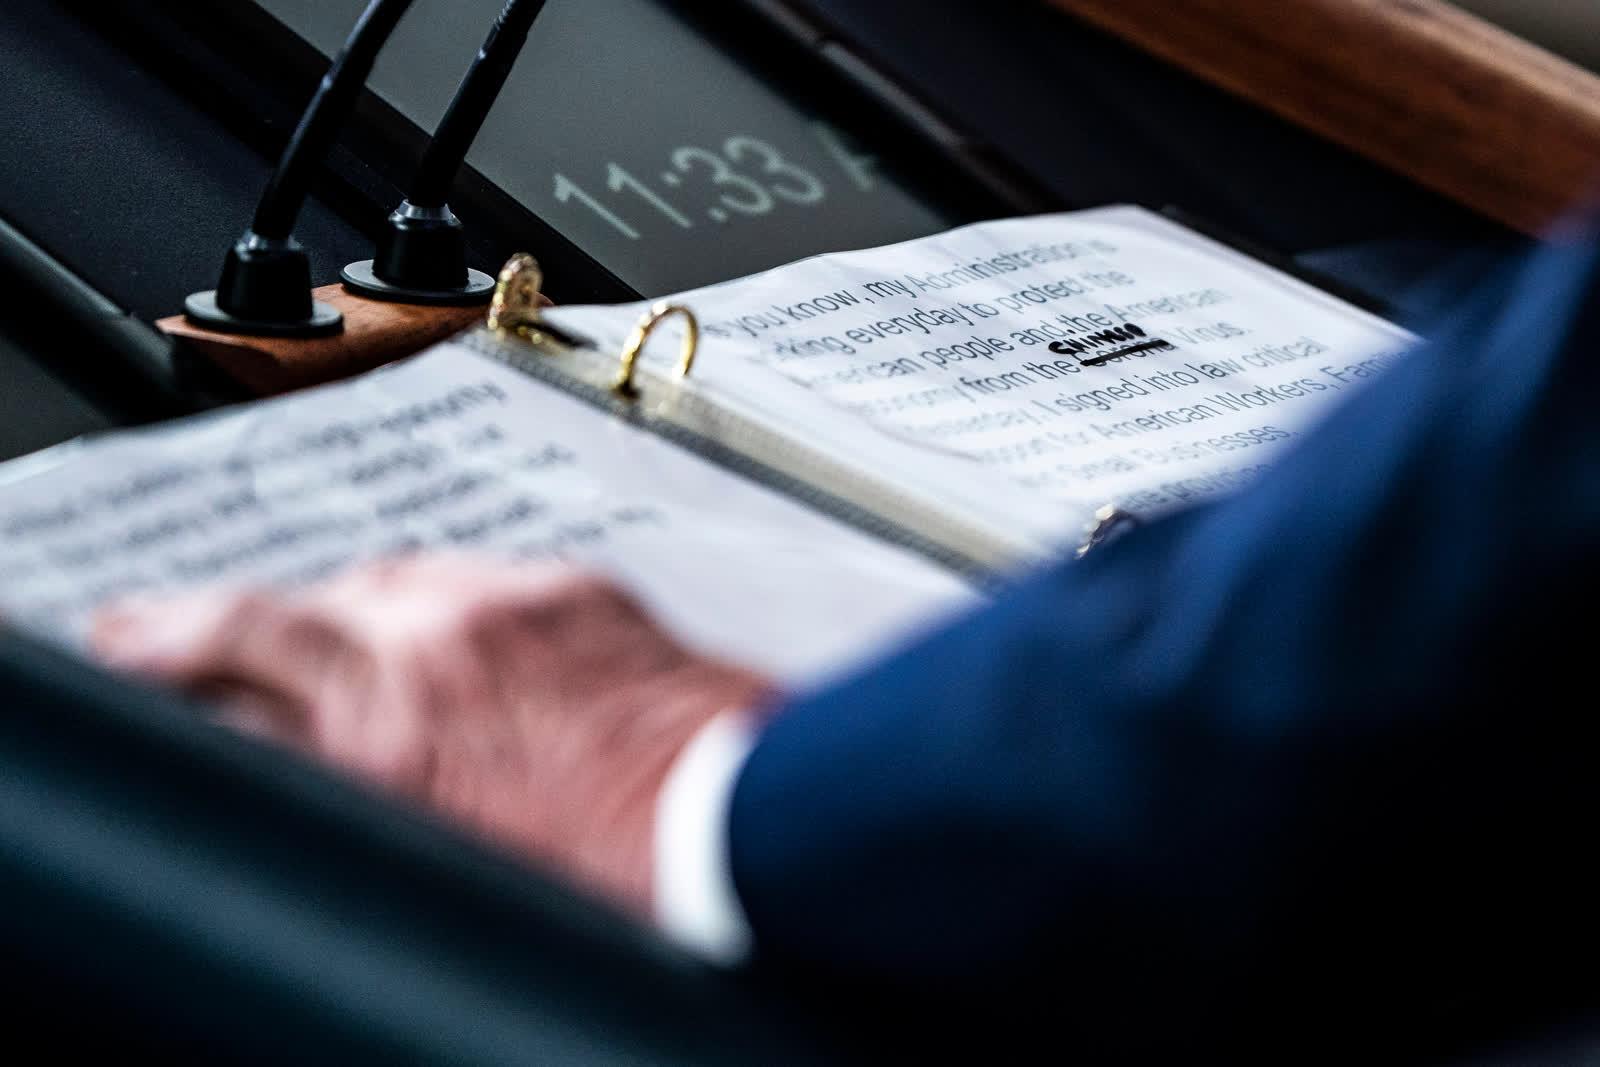 """АНУ-ын Ерөнхийлөгч Дональд Трампын бичсэн тэмдэглэлээс Цагаан ордонд коронавирусний талаар ярихдаа """"Корона"""" гэсэн үгийн оронд """"Хятад"""" гэж орлуулсныг харж болно. /Photo by Jabin Botsford/"""